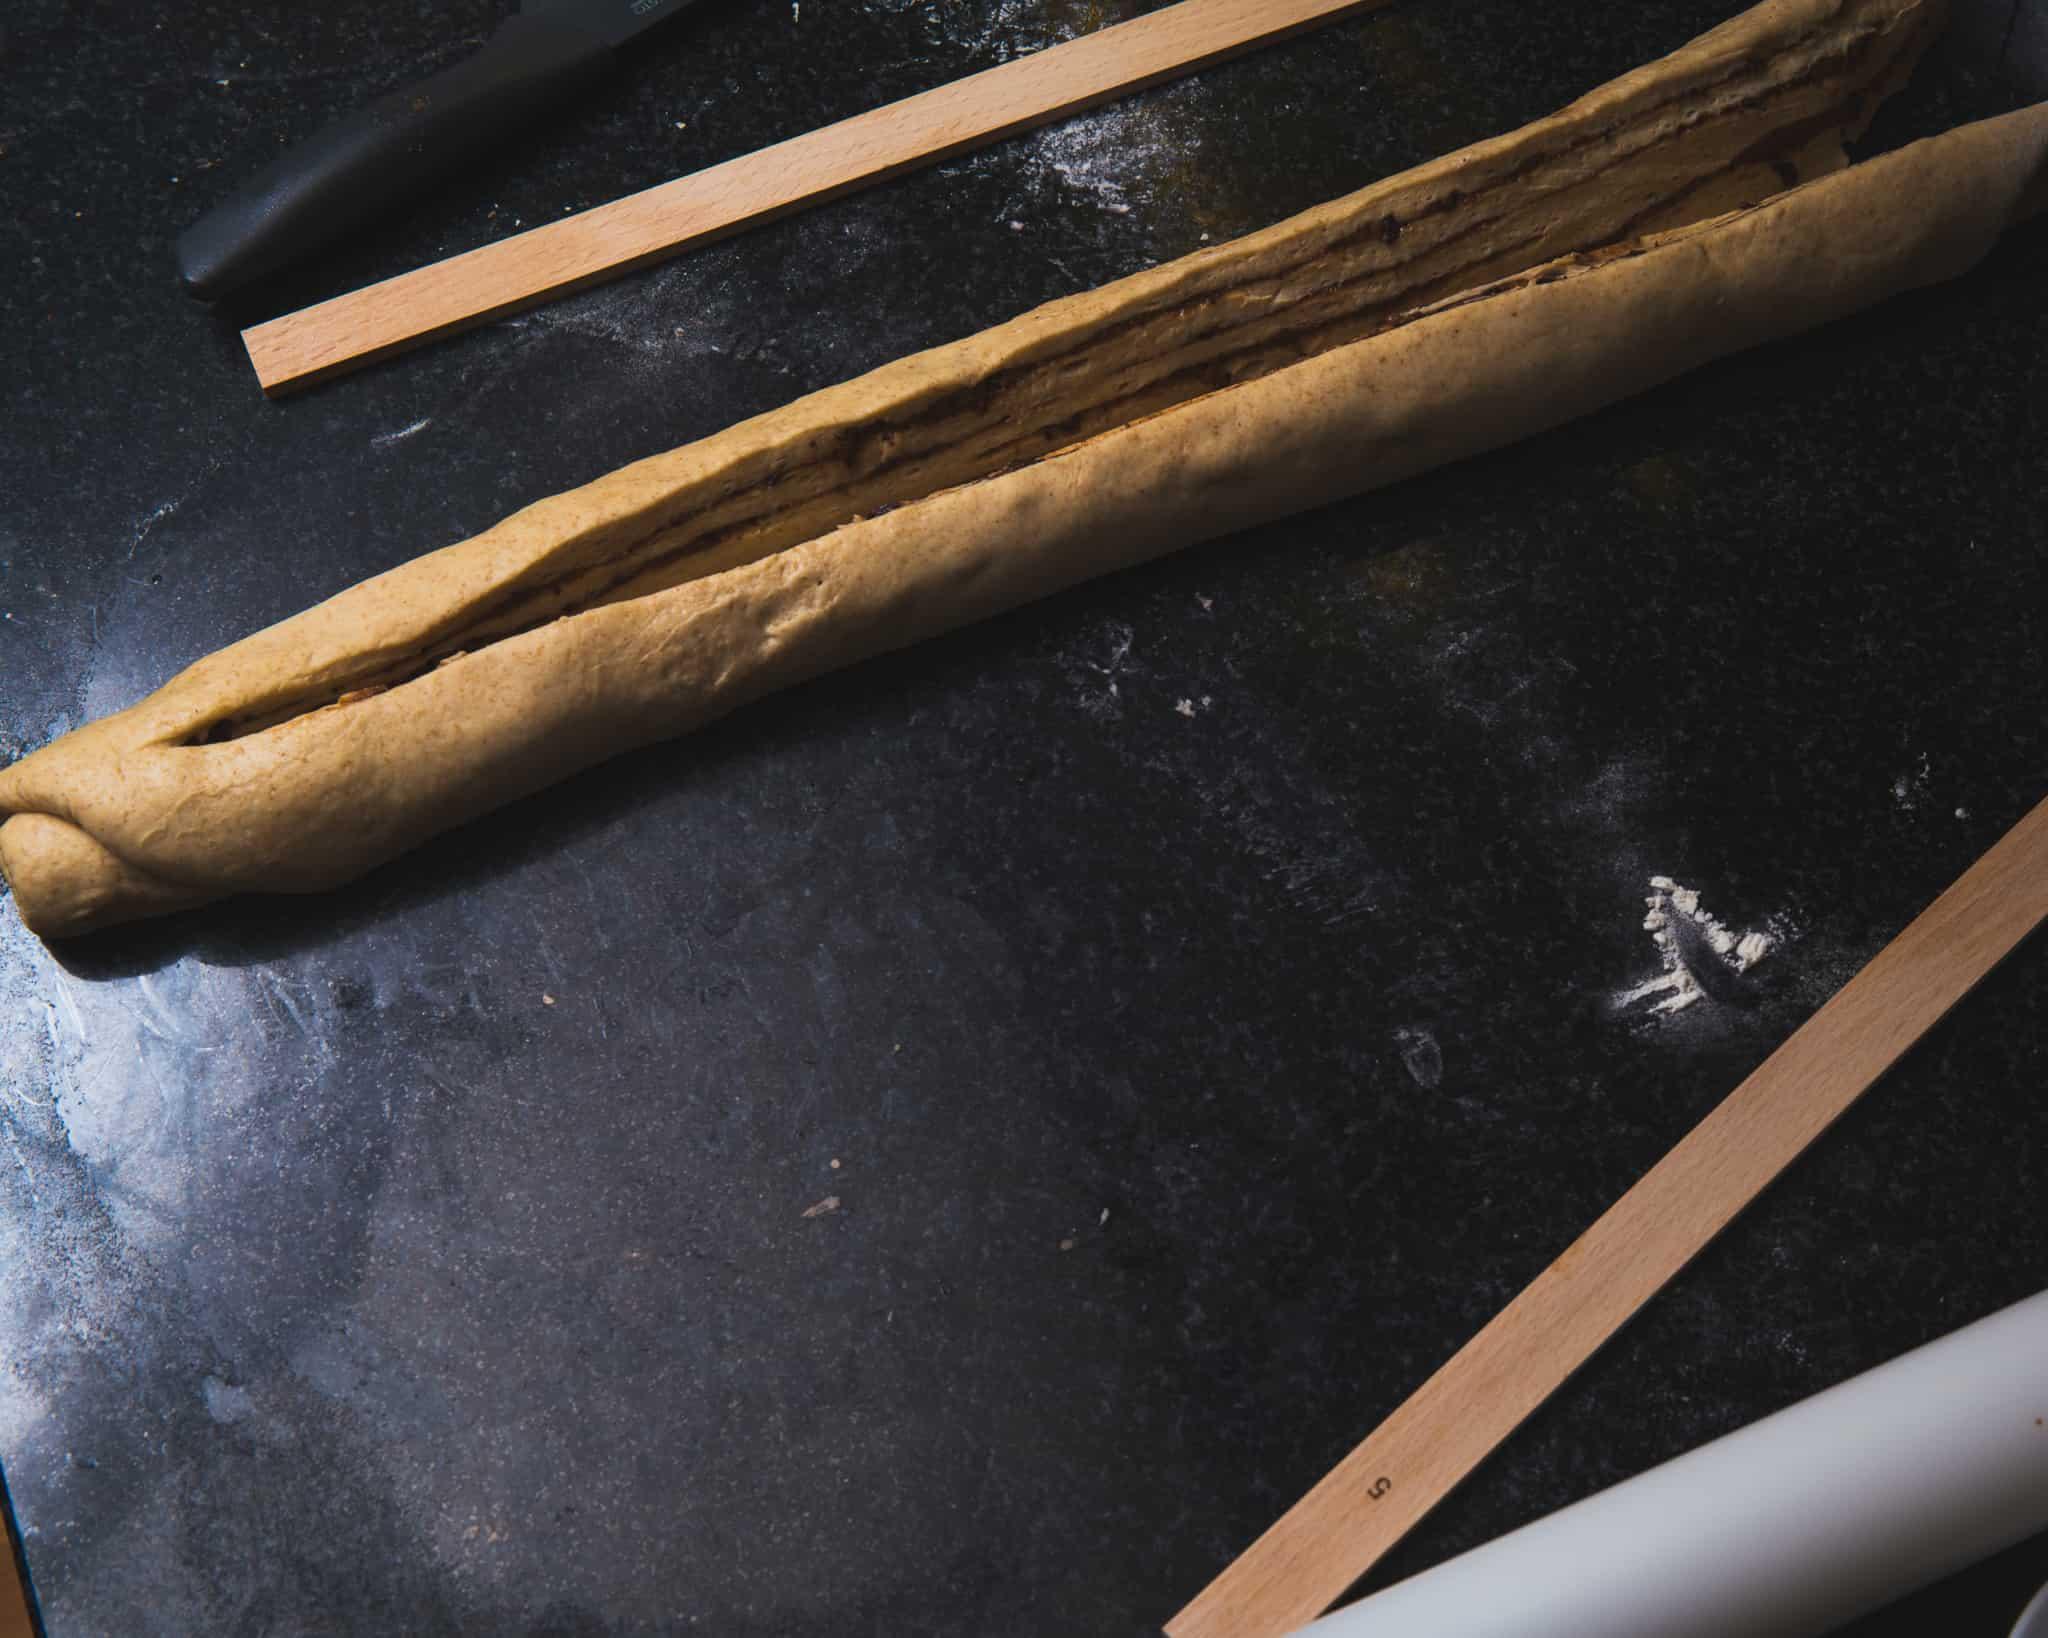 Die Teig-Wurst wird aufgeschnitten